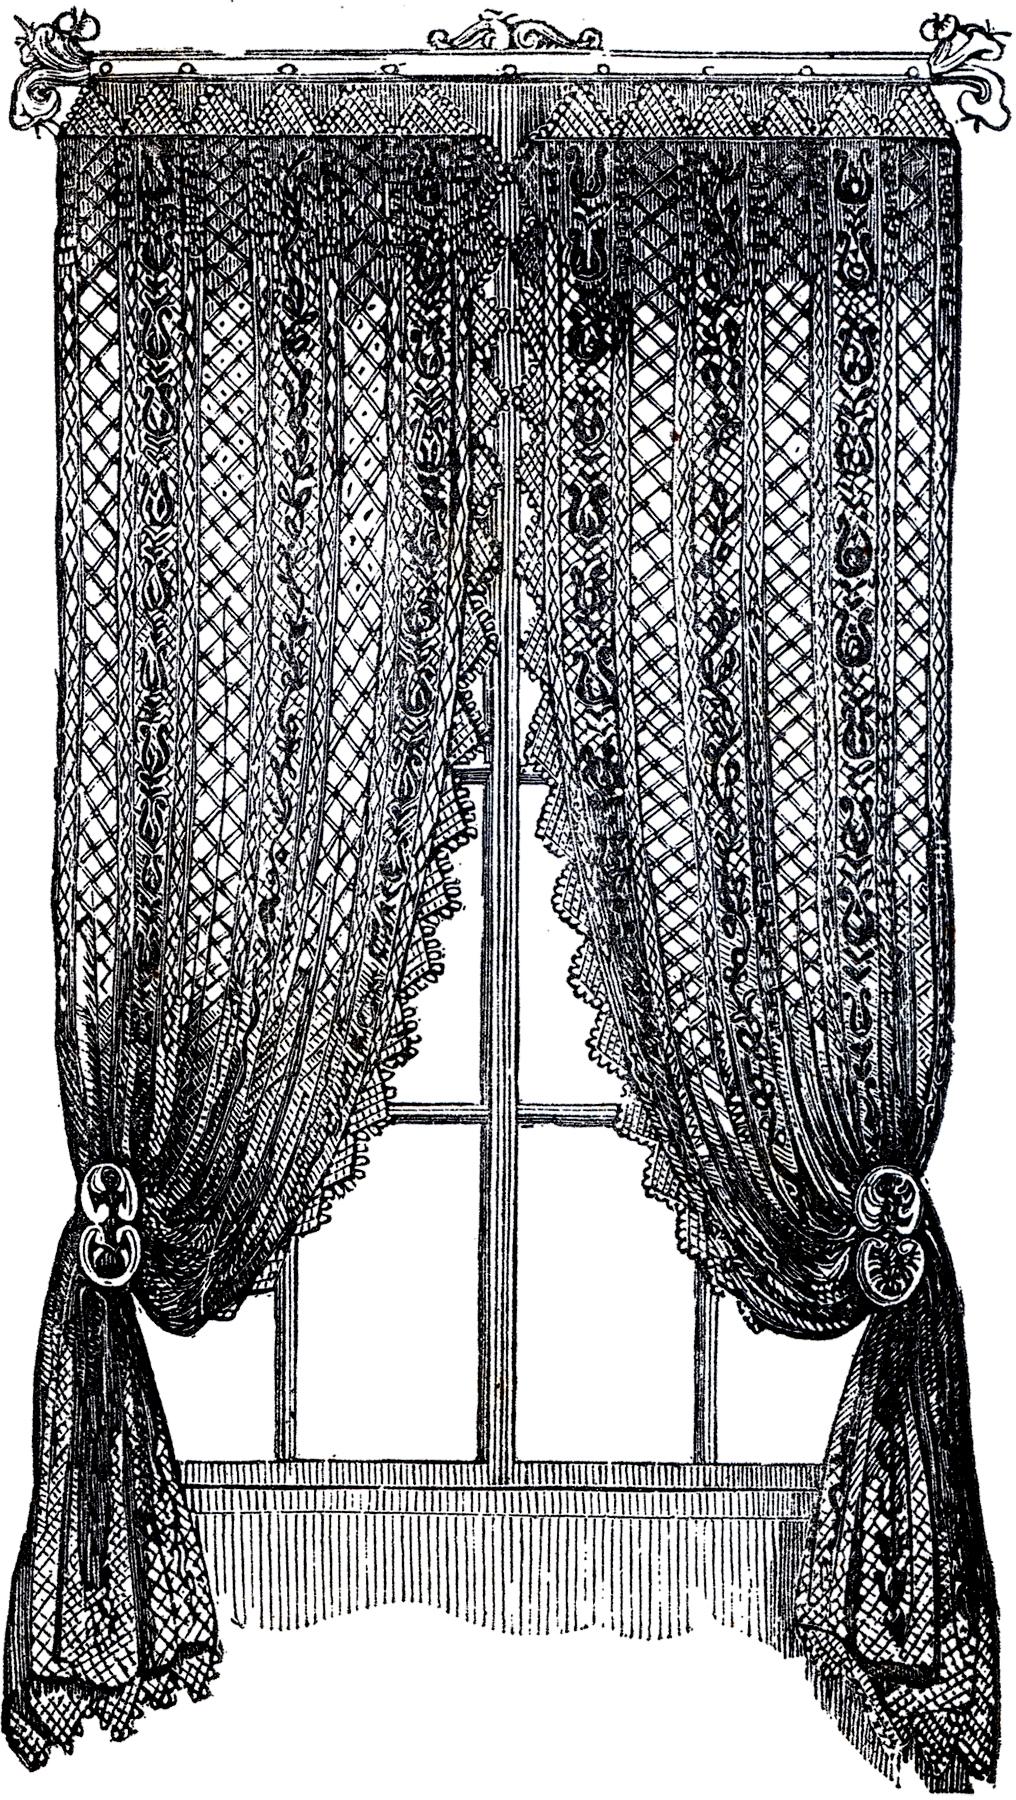 Vintage Lace Curtains Clip Art!.